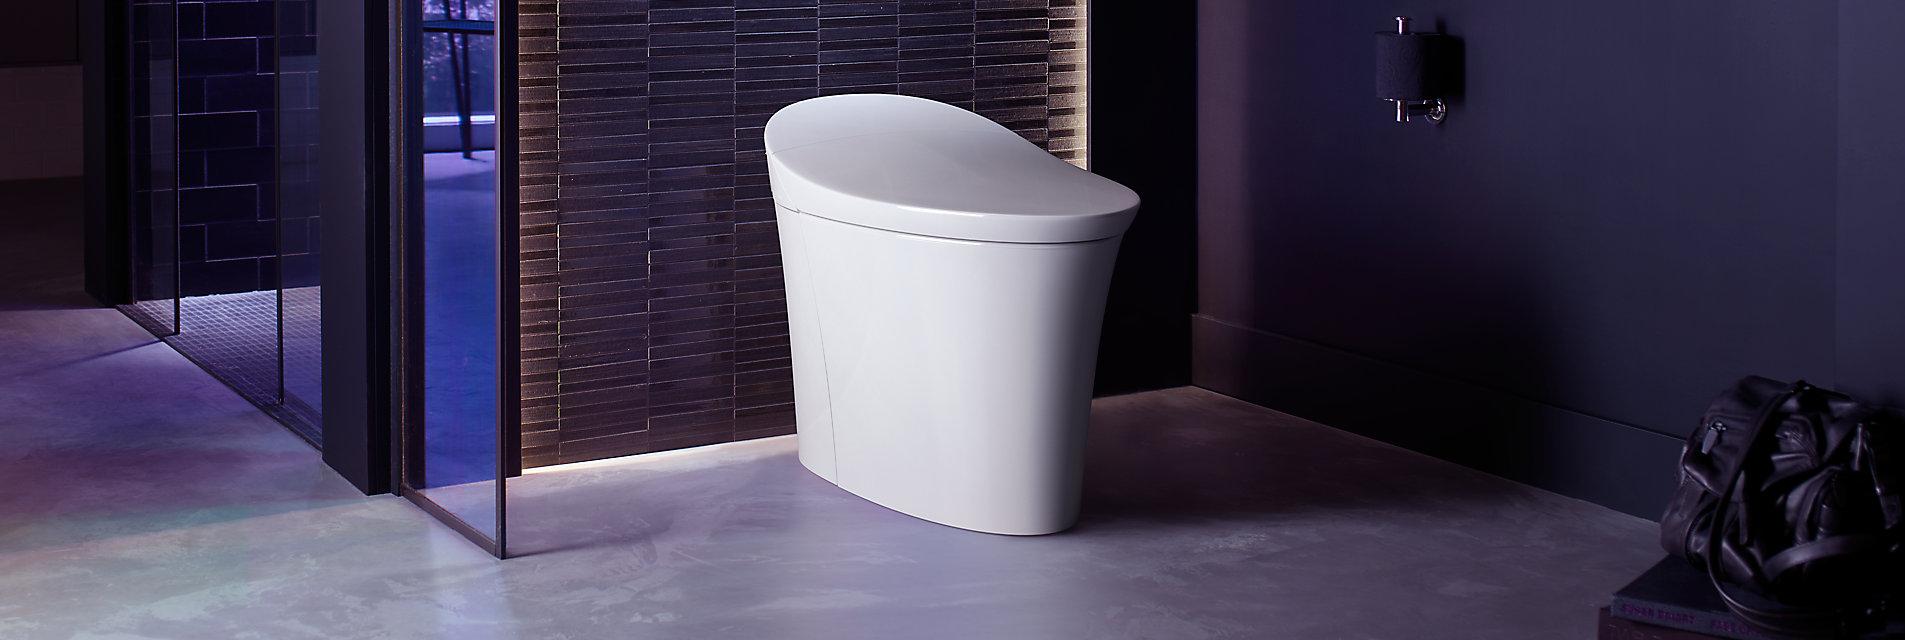 Great Interactive Bathroom Fixtures For Sale Trend Details @house2homegoods.net